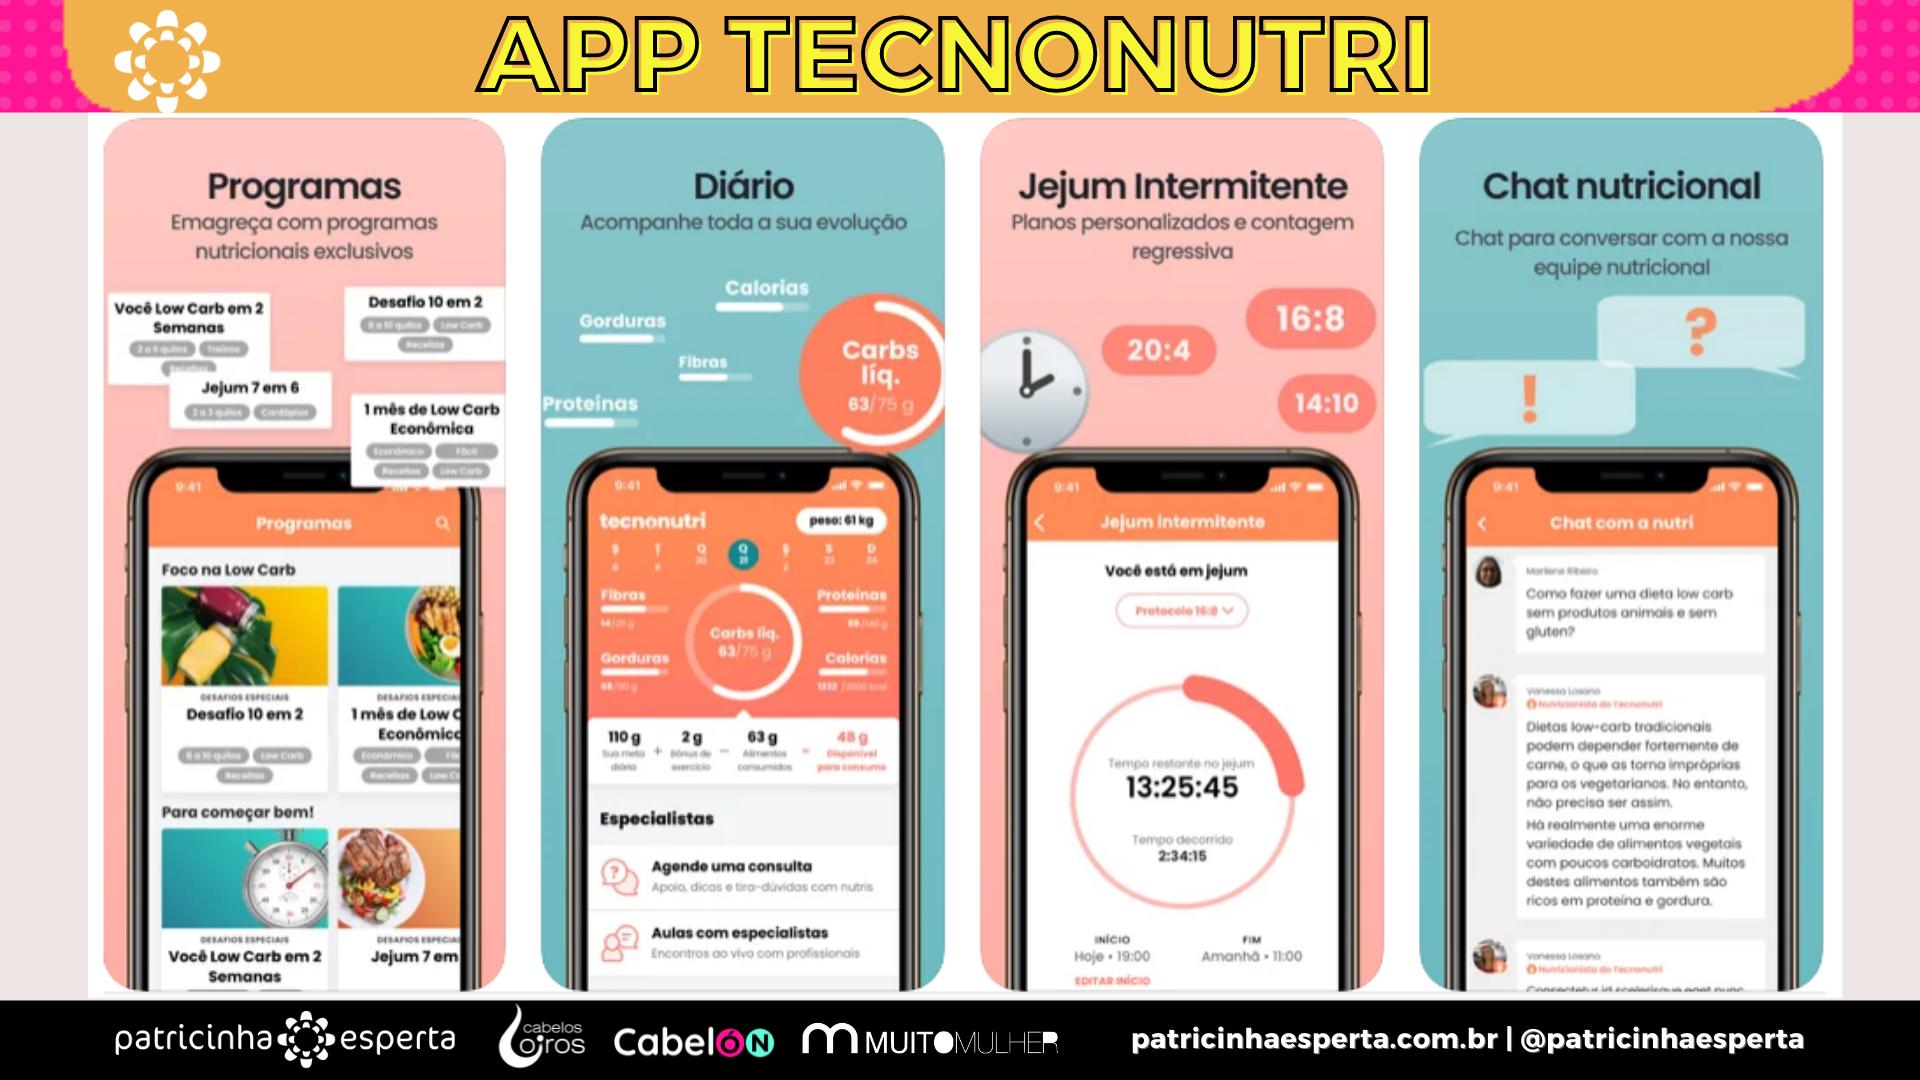 Copia de Perder peso 7 - Aplicativo Para Emagrecer: Melhores Apps Para Dieta e Saúde